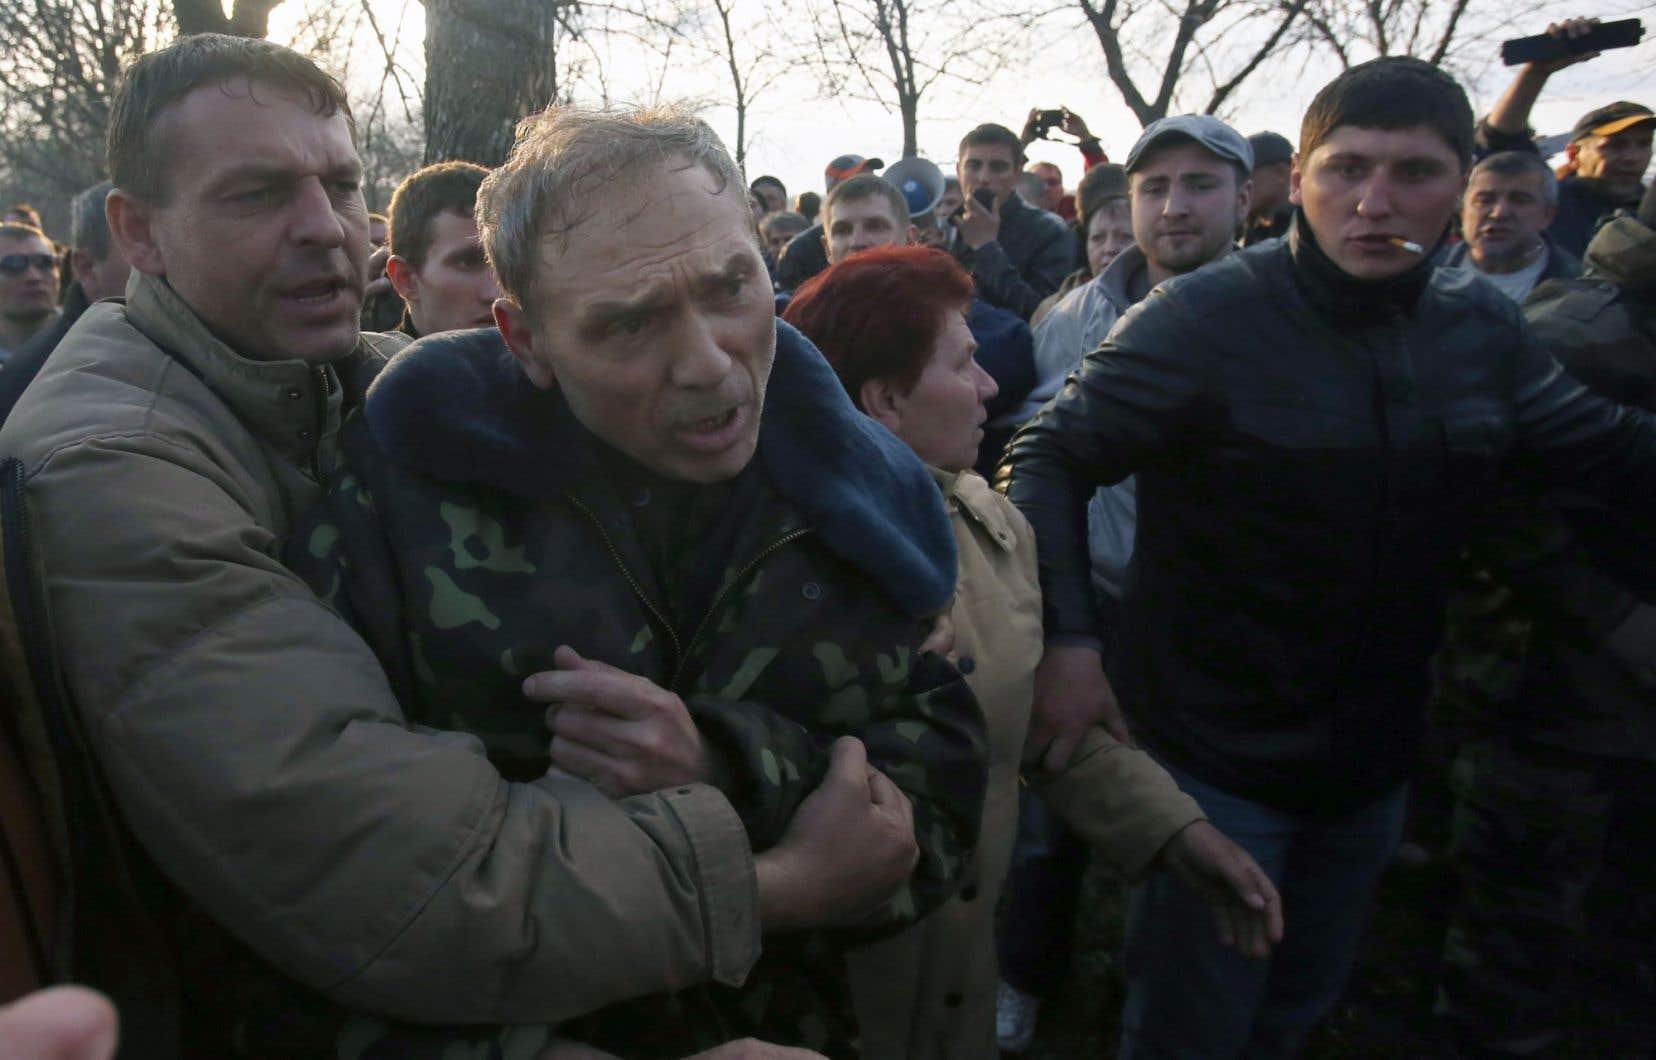 Des activistes pro-Russes s'en sont pris lundi au général Vassyl Kroutov, numéro deux des services de sécurité ukrainiens (SBU) et commandant de «l'opération antiterroriste» (au centre), après que ce dernier eut pris la parole à l'extérieur de l'aéroport de Kramatorsk, près de Slaviansk, dans l'est de l'Ukraine, où des échauffourées auraient fait des blessés.